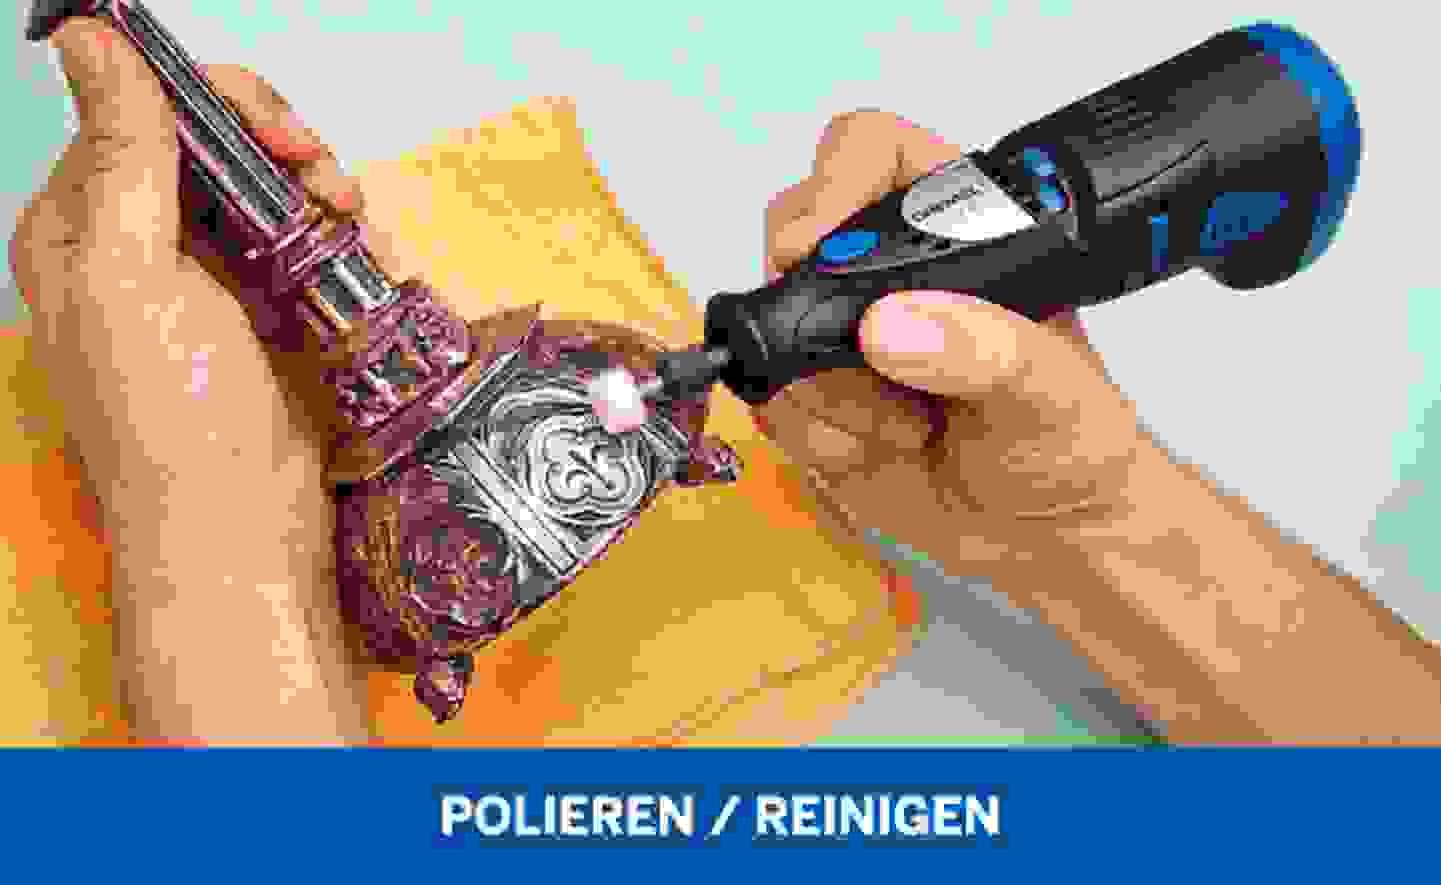 Polieren Reinigen